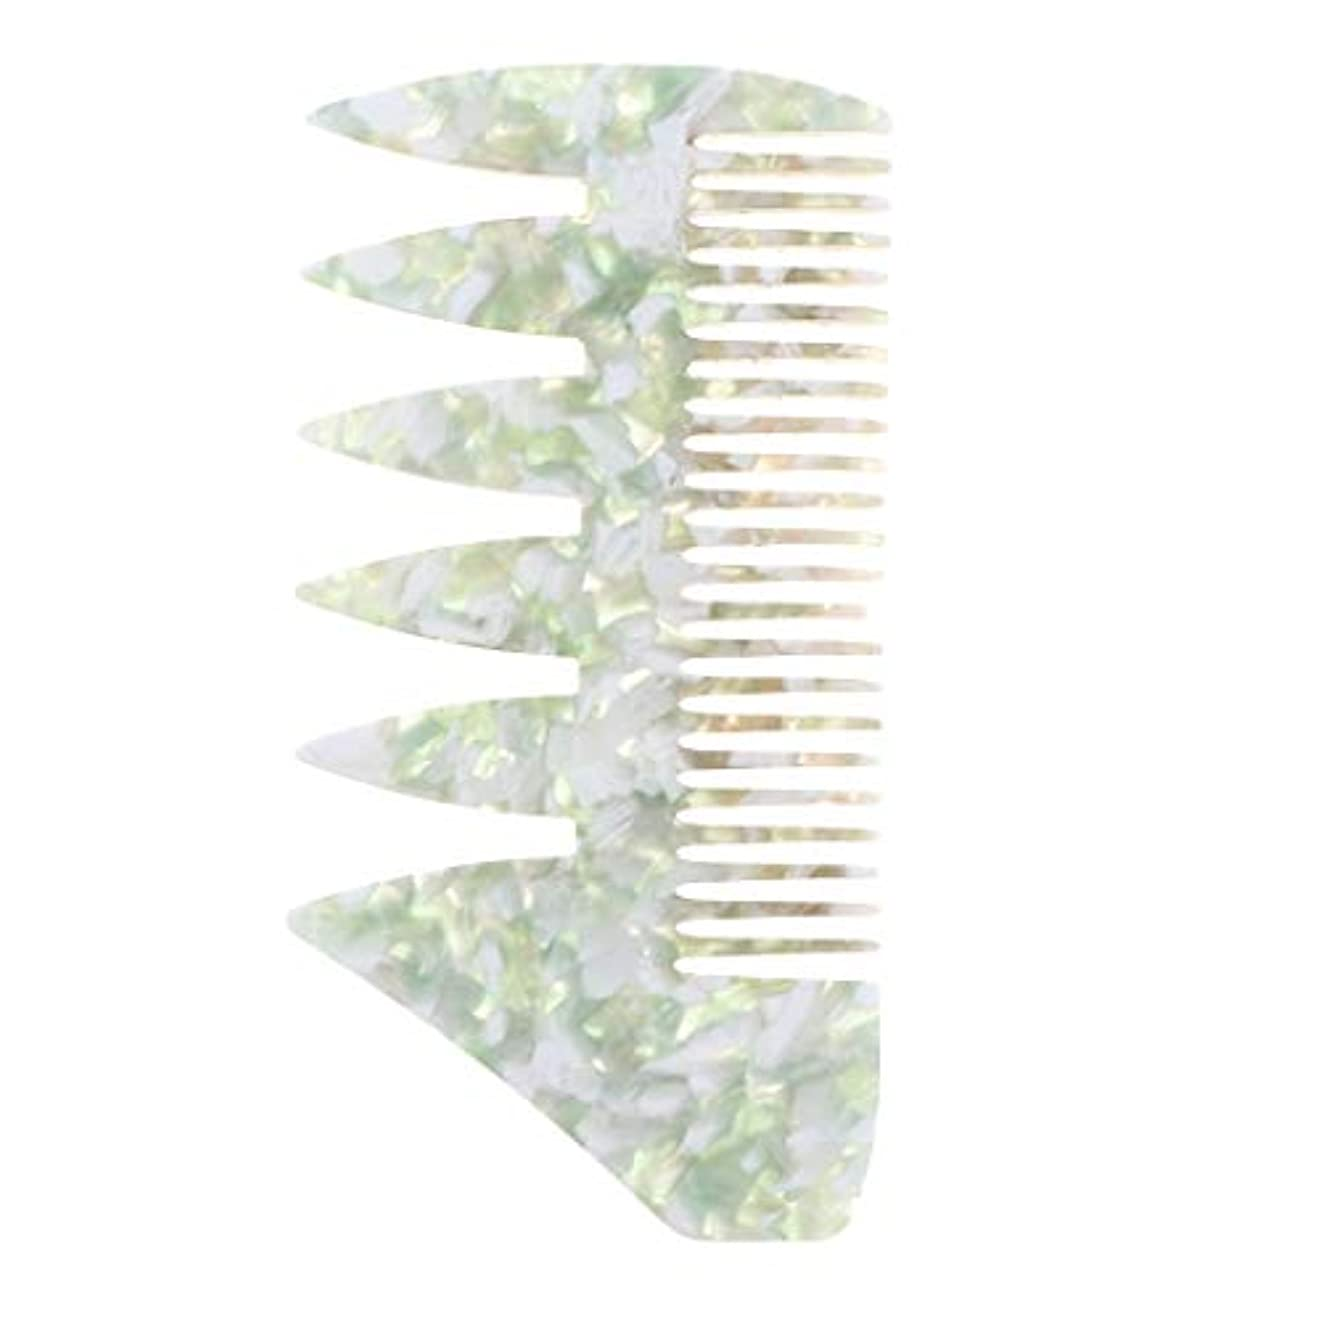 アルカトラズ島想定斧男性 ヘアピックコーム サロン 広い歯 ヘアスタイリングコーム 全4色 - 緑